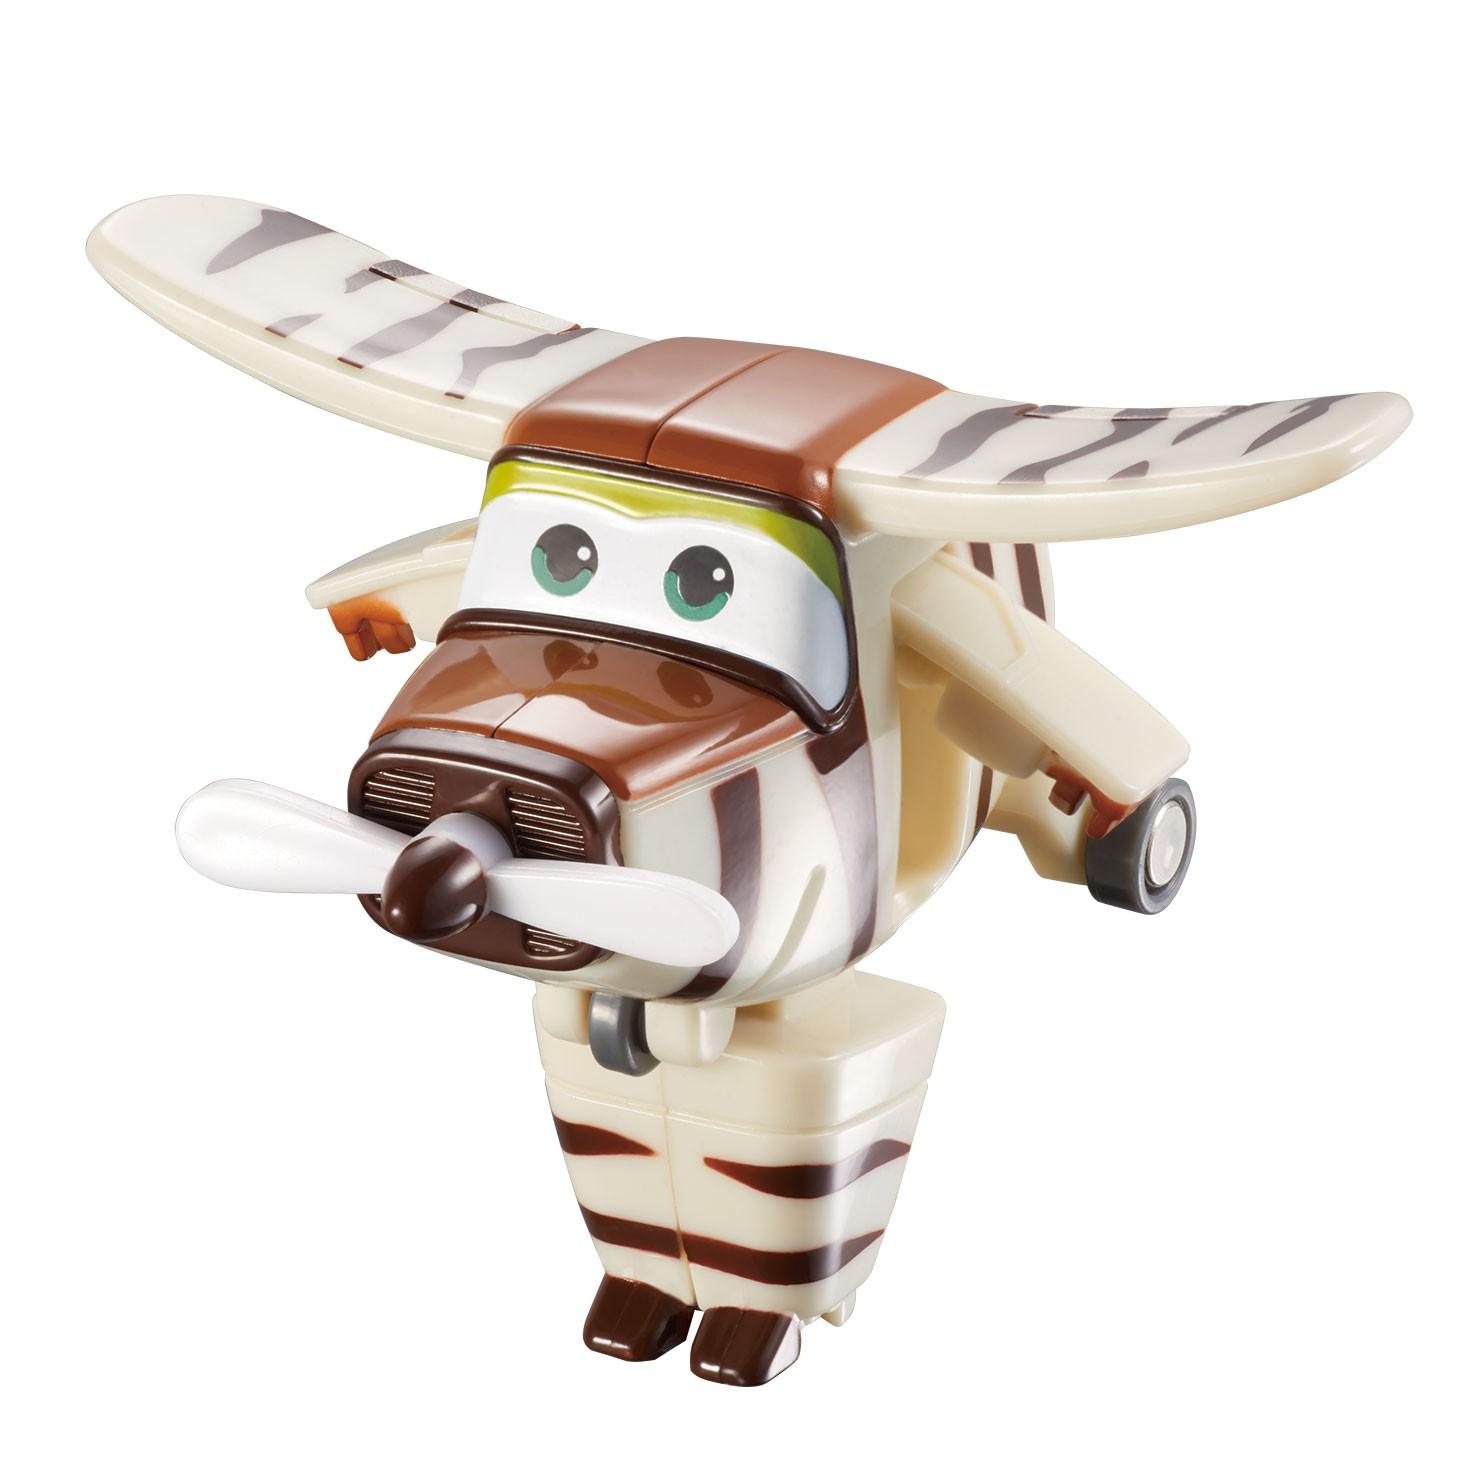 Мини-трансформер Бэлло из серии Супер КрыльяСупер Крылья (Super Wings)<br>Мини-трансформер Бэлло из серии Супер Крылья<br>